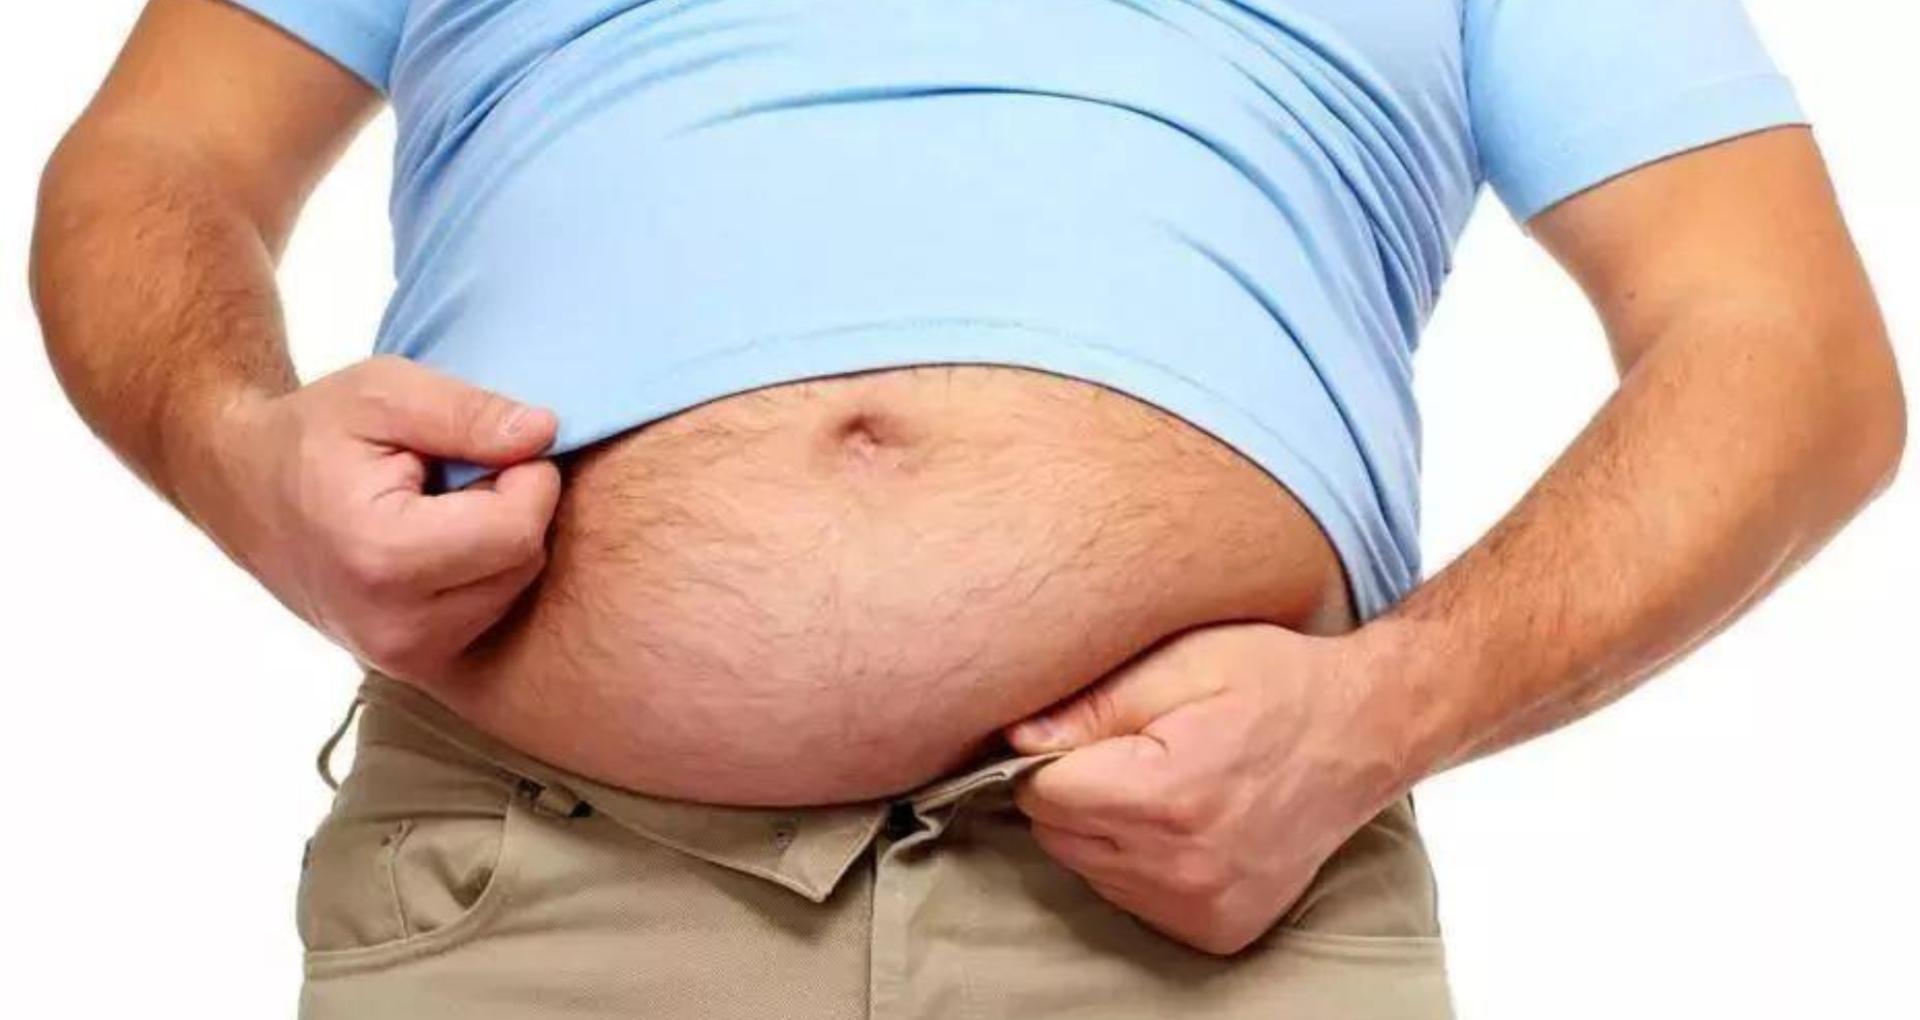 Weight Loss: डाइटिंग क्यों करना जब एक्यूप्रेशर की मदद से कम कर सकते हैं अपना वजन, जानिए इसे करने का तरीका